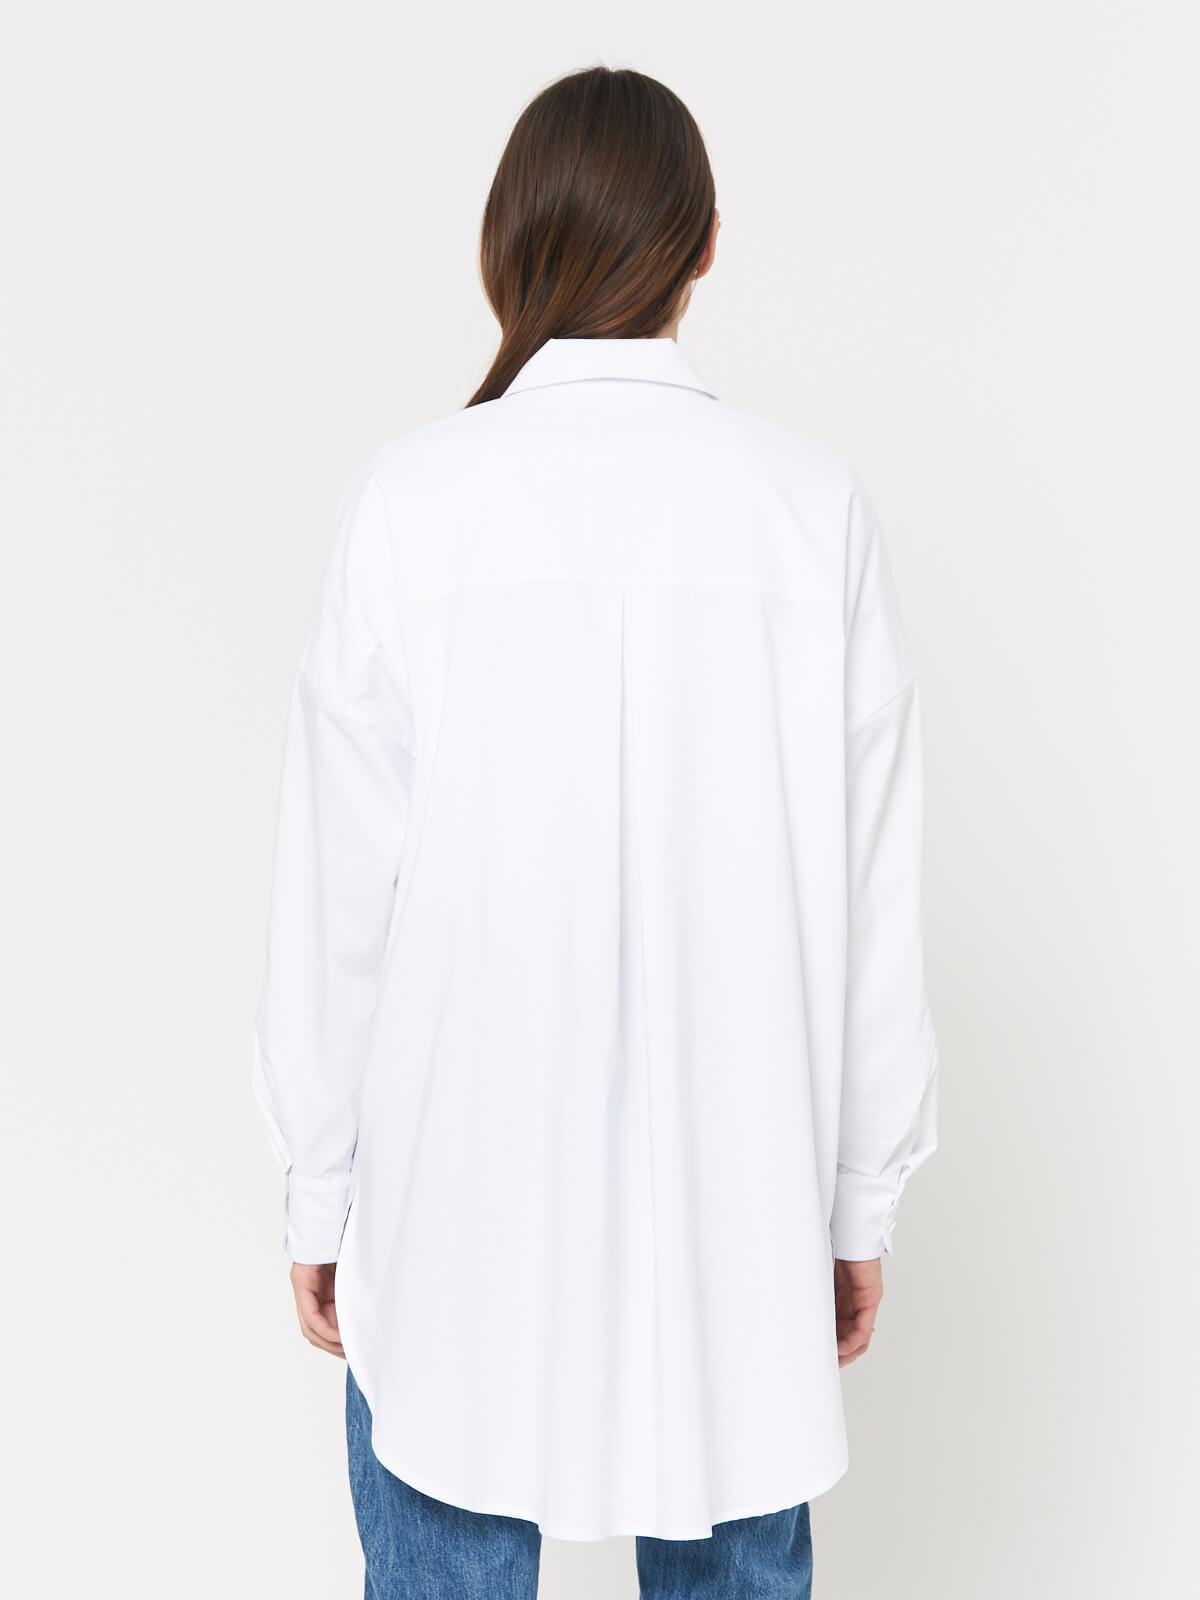 Рубашка Melody, Белый